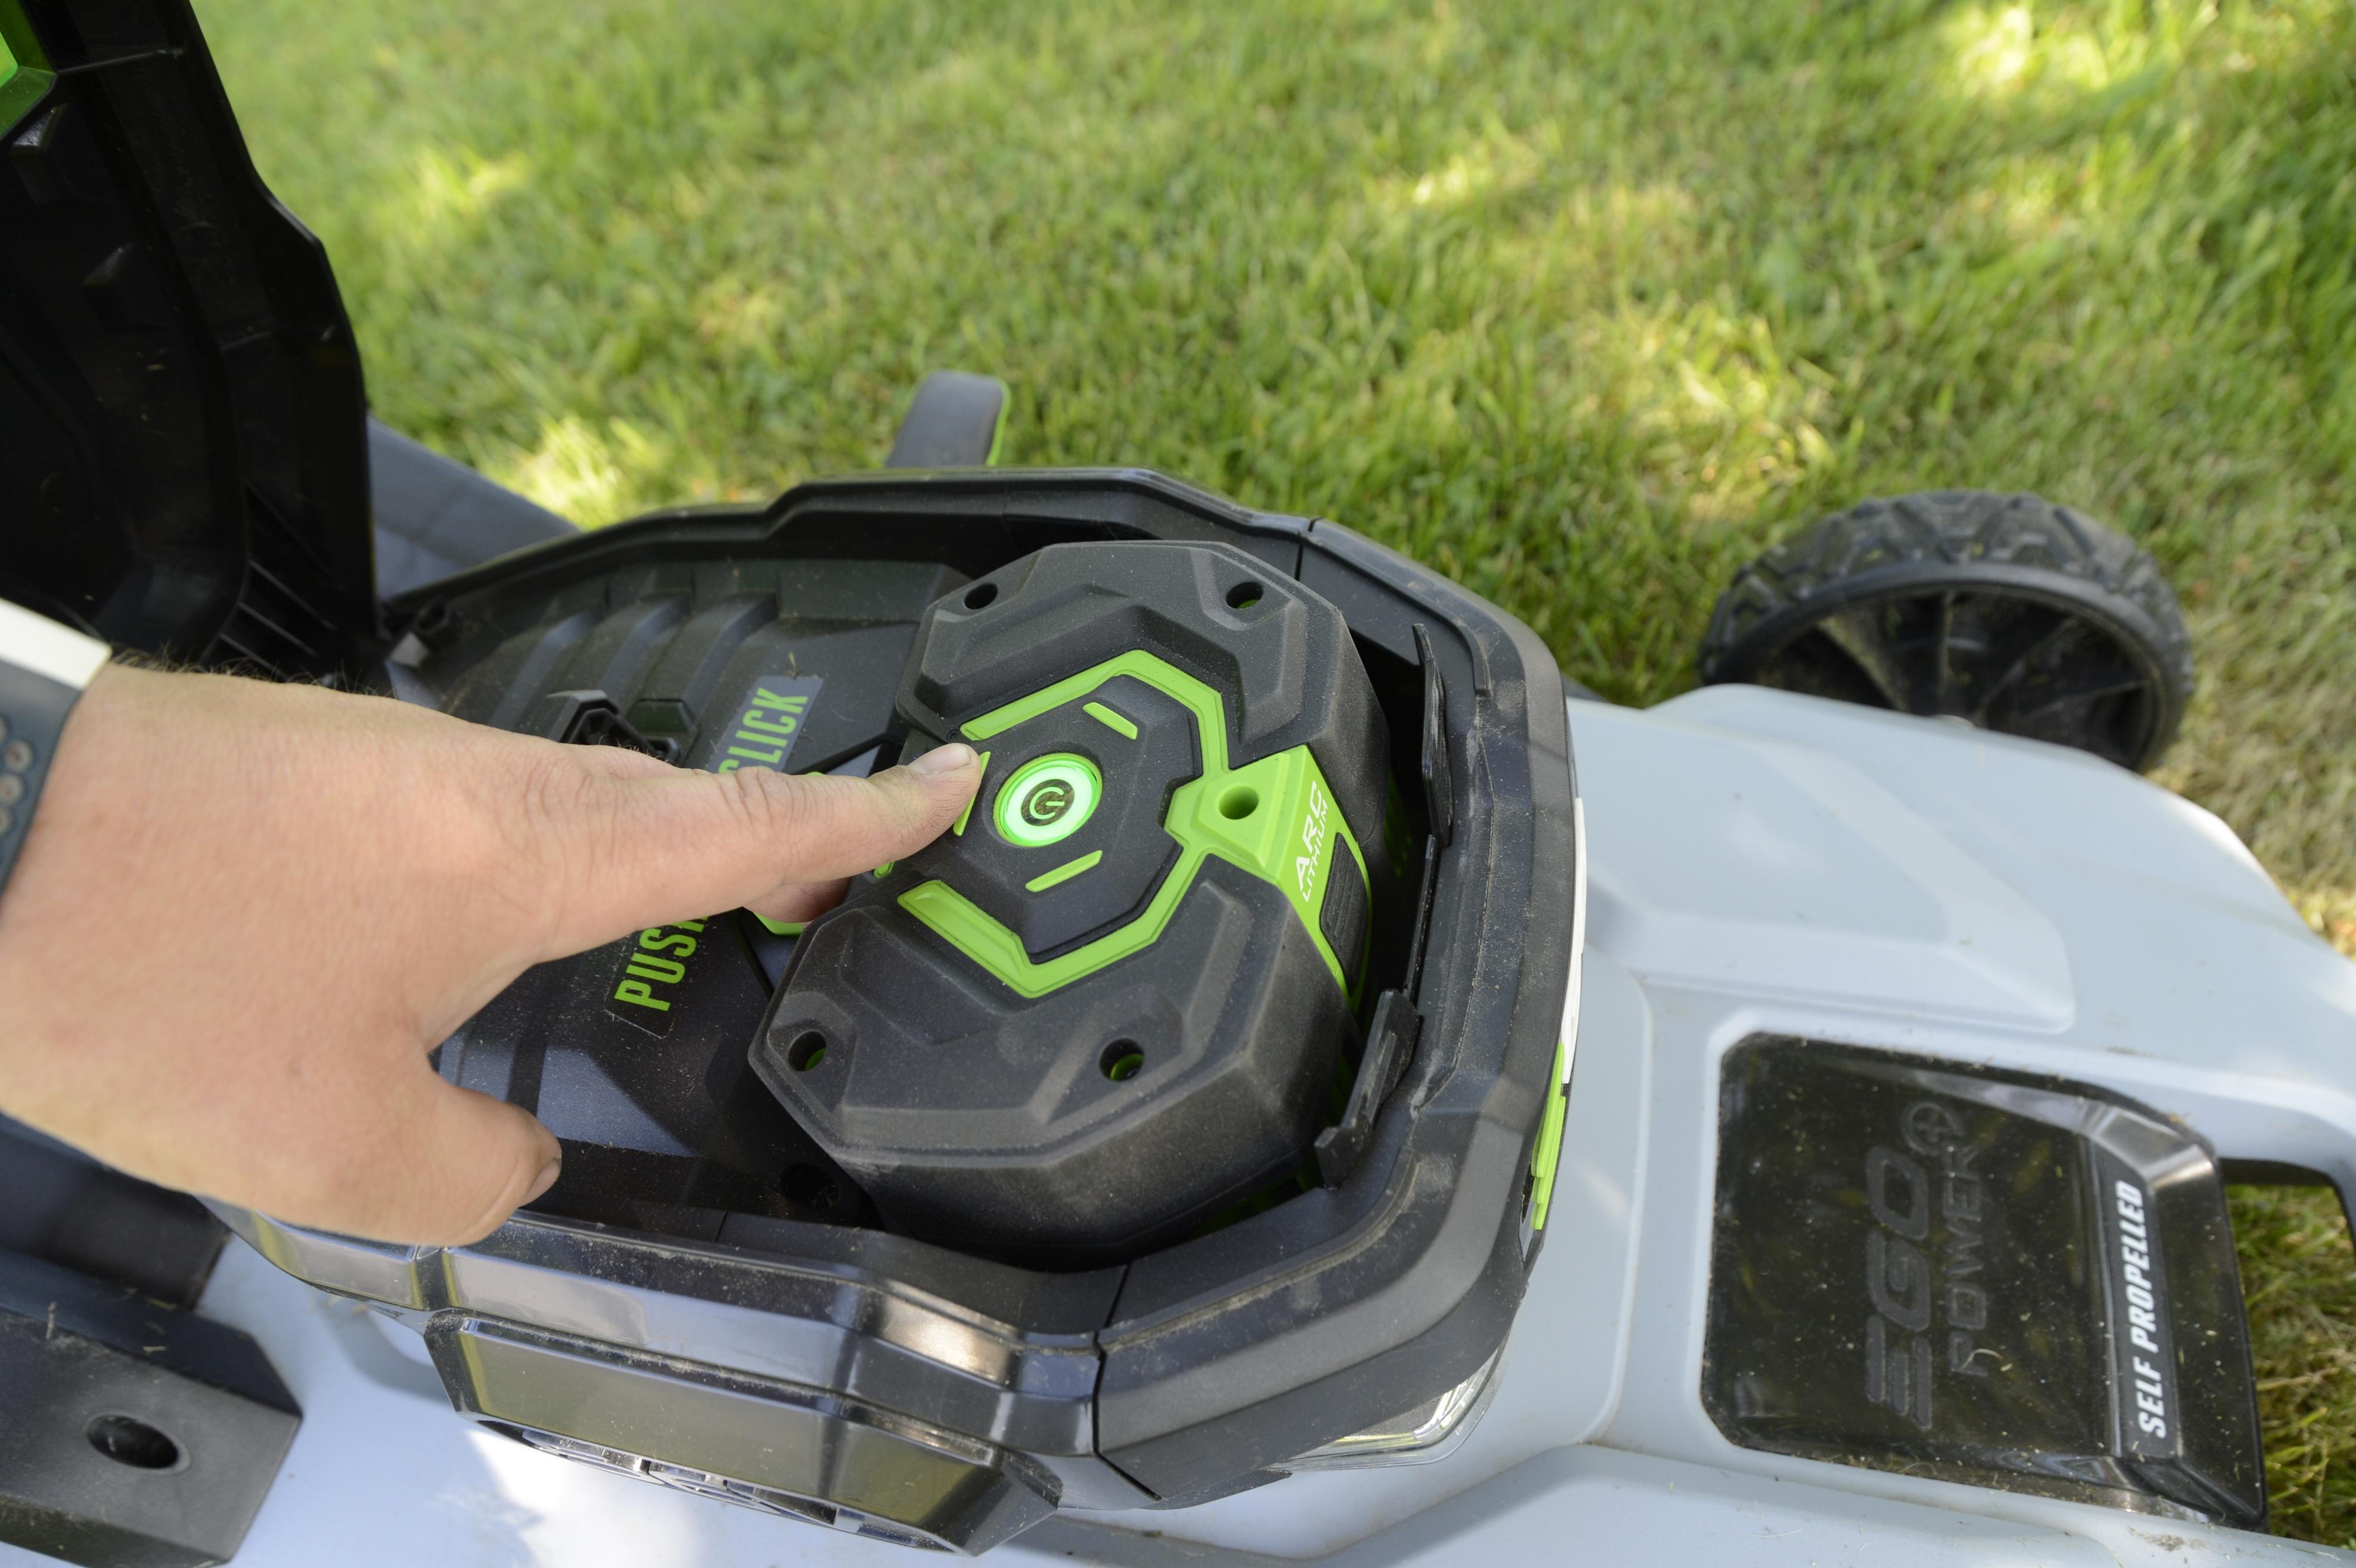 Trykk på knappen for å sjekke hvor mye kapasitet batteriet har. På klipperen har du i tillegg en tilsvarende indikator på siden av motoren.